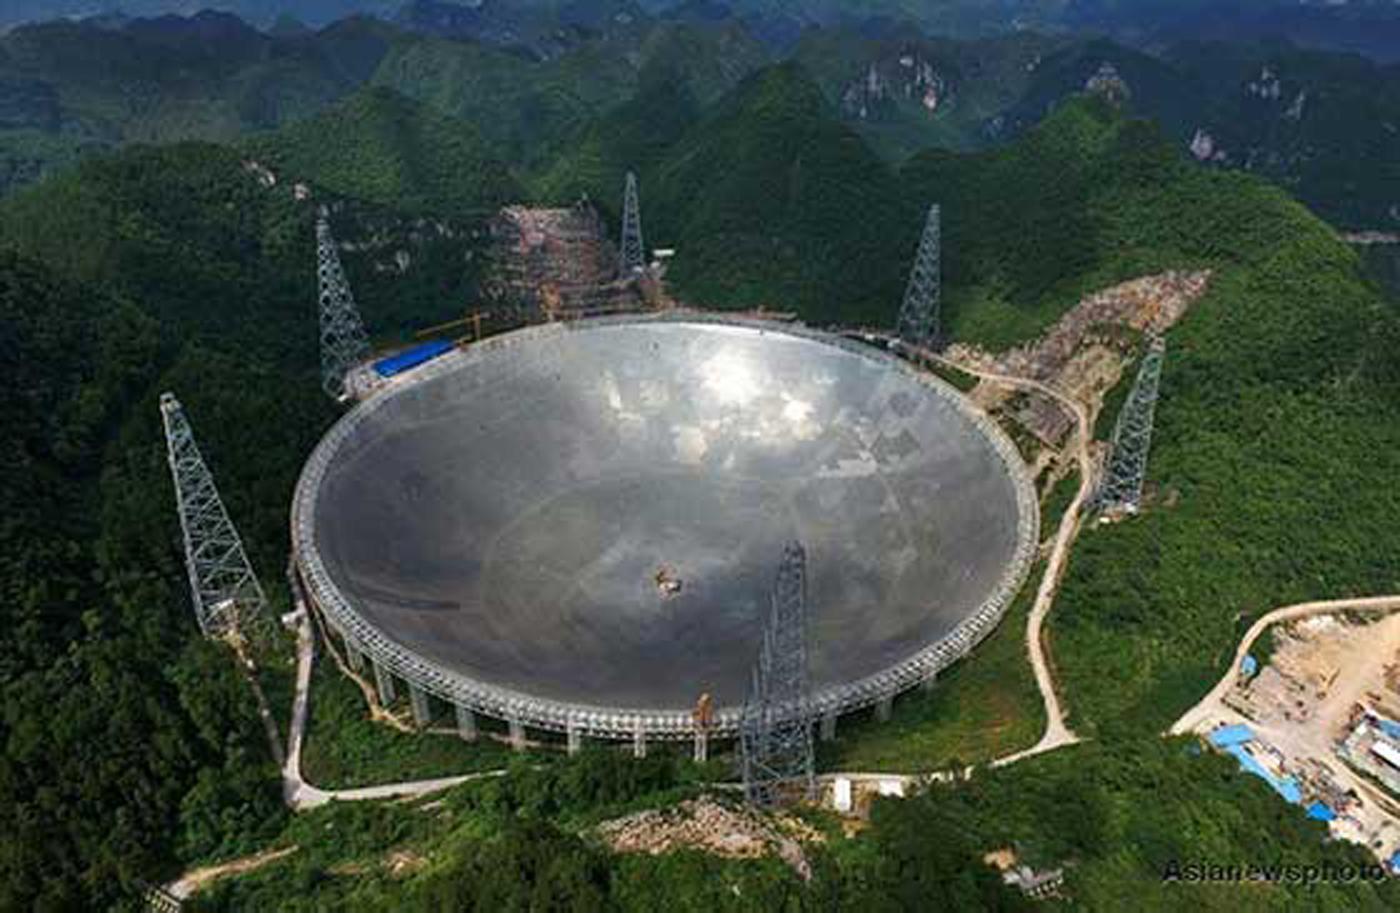 จานรับสัญญาณคลื่นวิทยุจากนอกโลก FAST Radio Telescope (Five hundred meter Aperture Spherical Telescope) ของจีน ที่กำลังพัฒนาขึ้น เพื่อมาสนับสนุนในภารกิจตามหาสัญญาณแรกจากต่างดาว